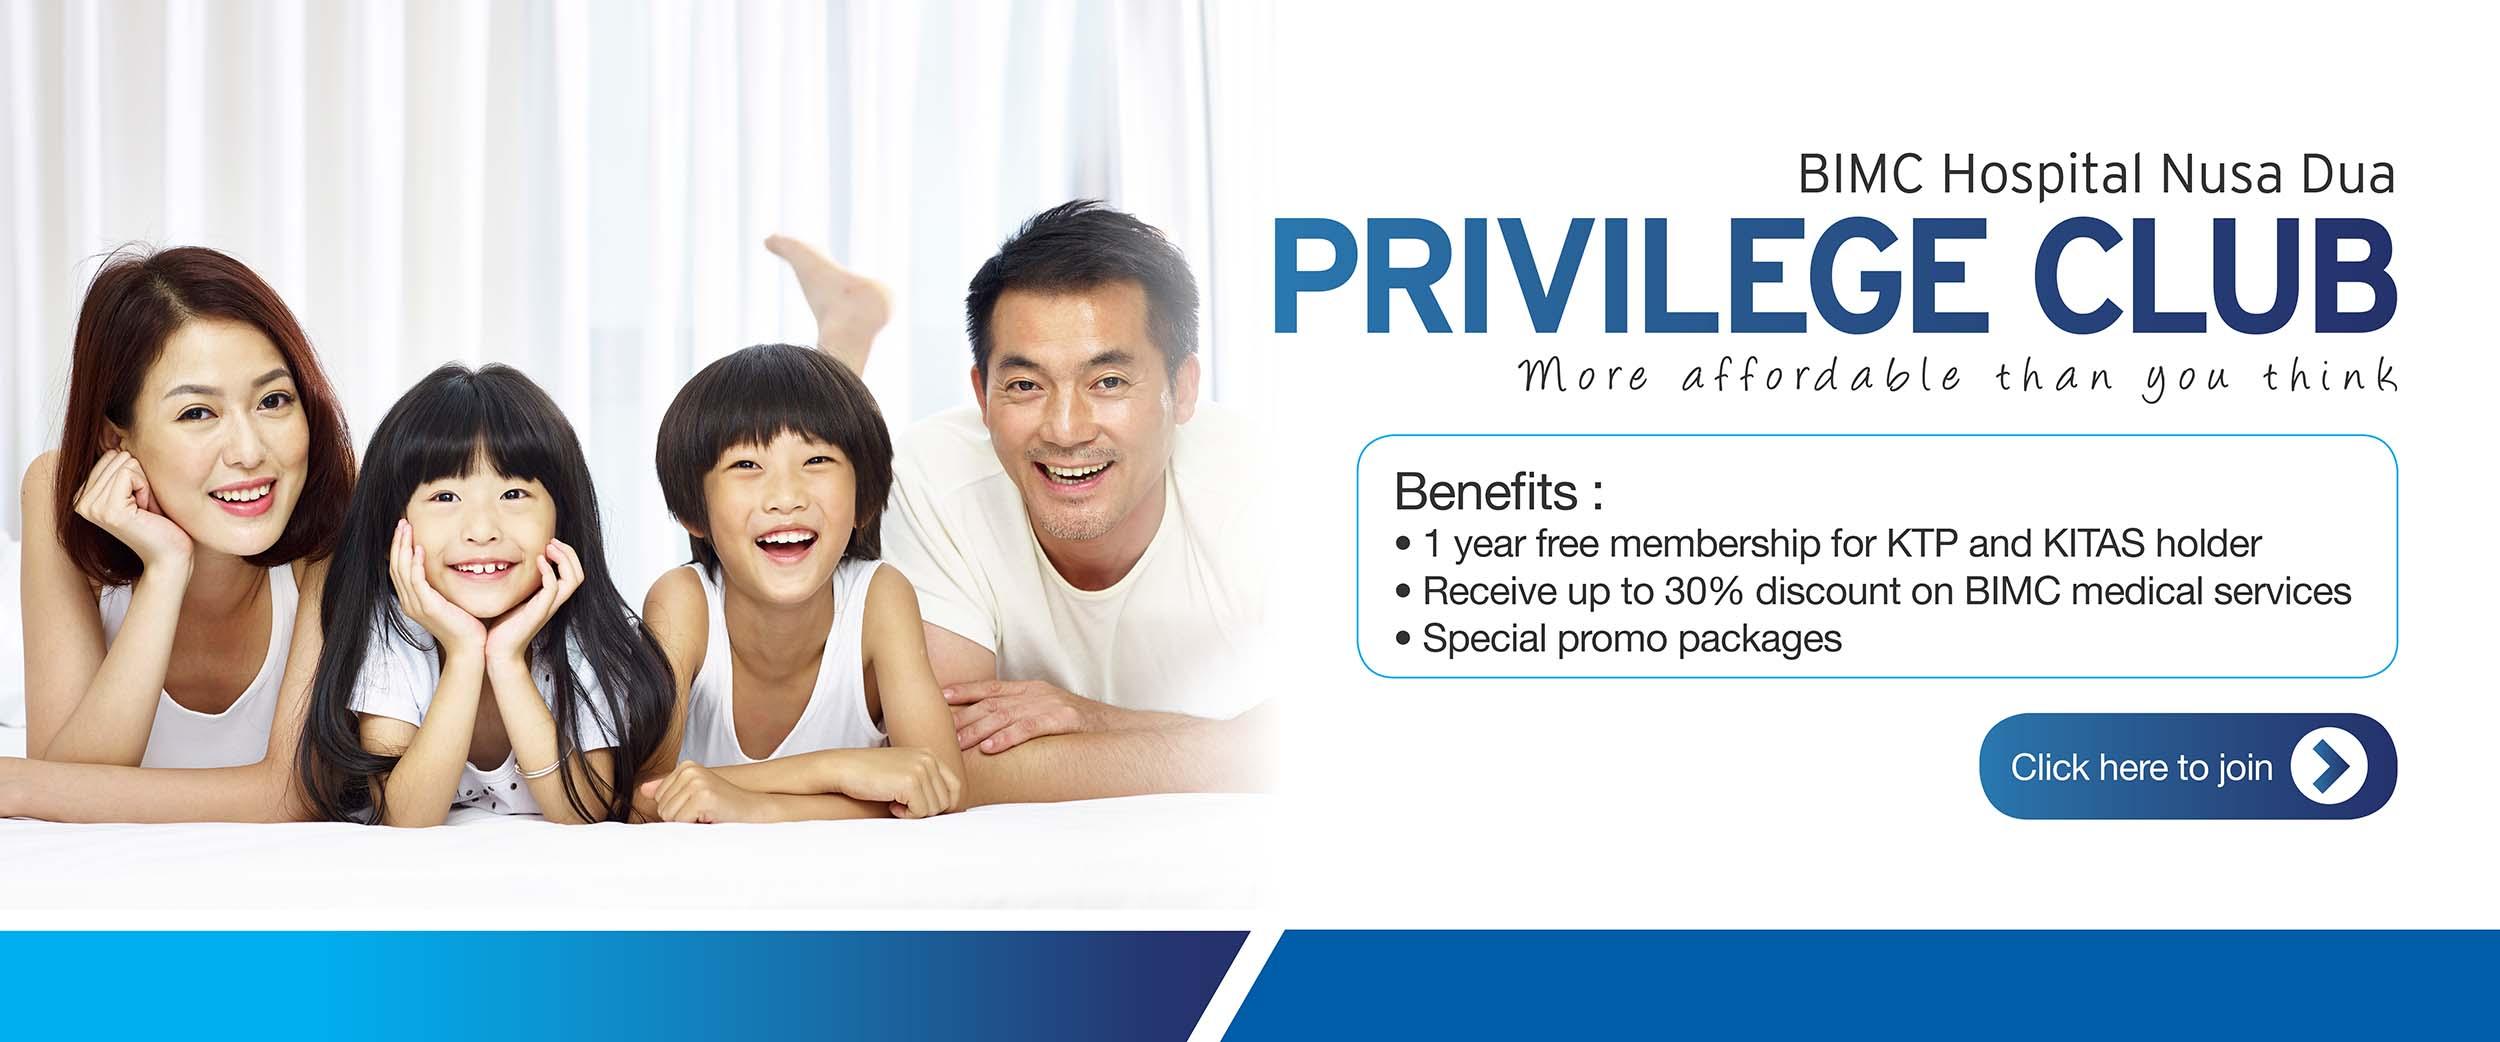 Bimcsiloam Header Website Privilege Club 2